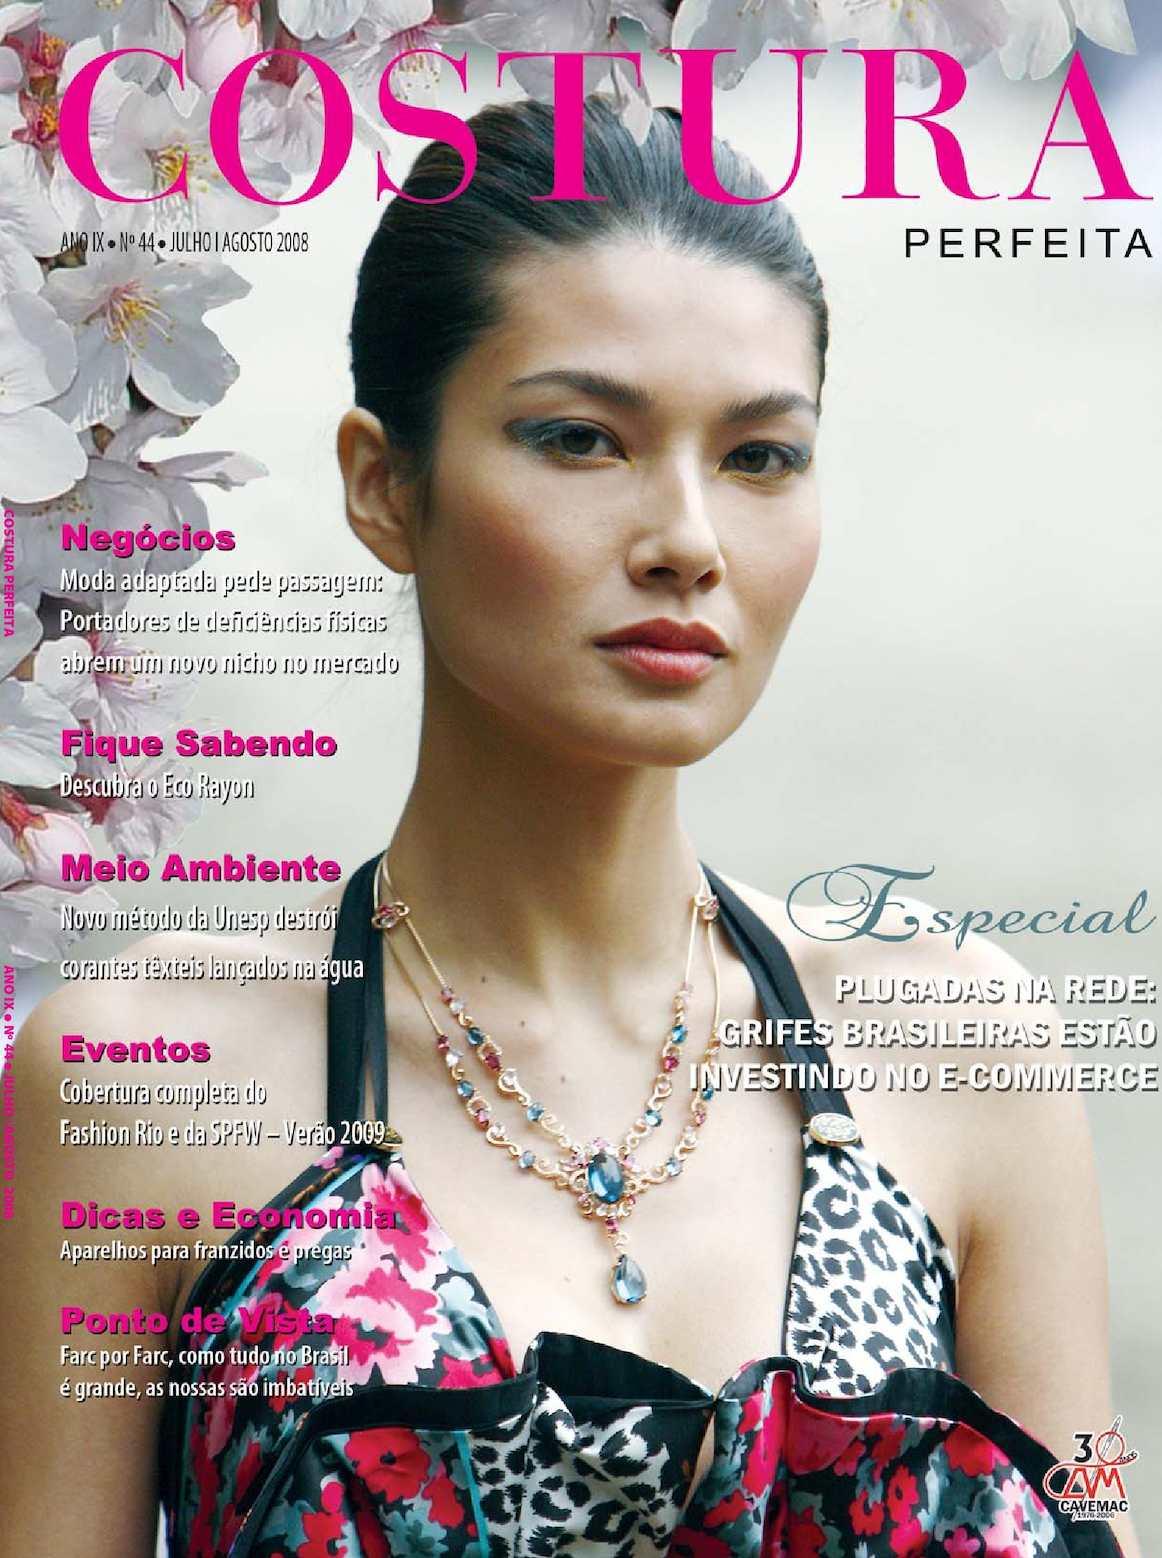 5b32ca398d Calaméo - Revista Costura Perfeita Edição Ano IX - N44 Julho-Agosto 2008